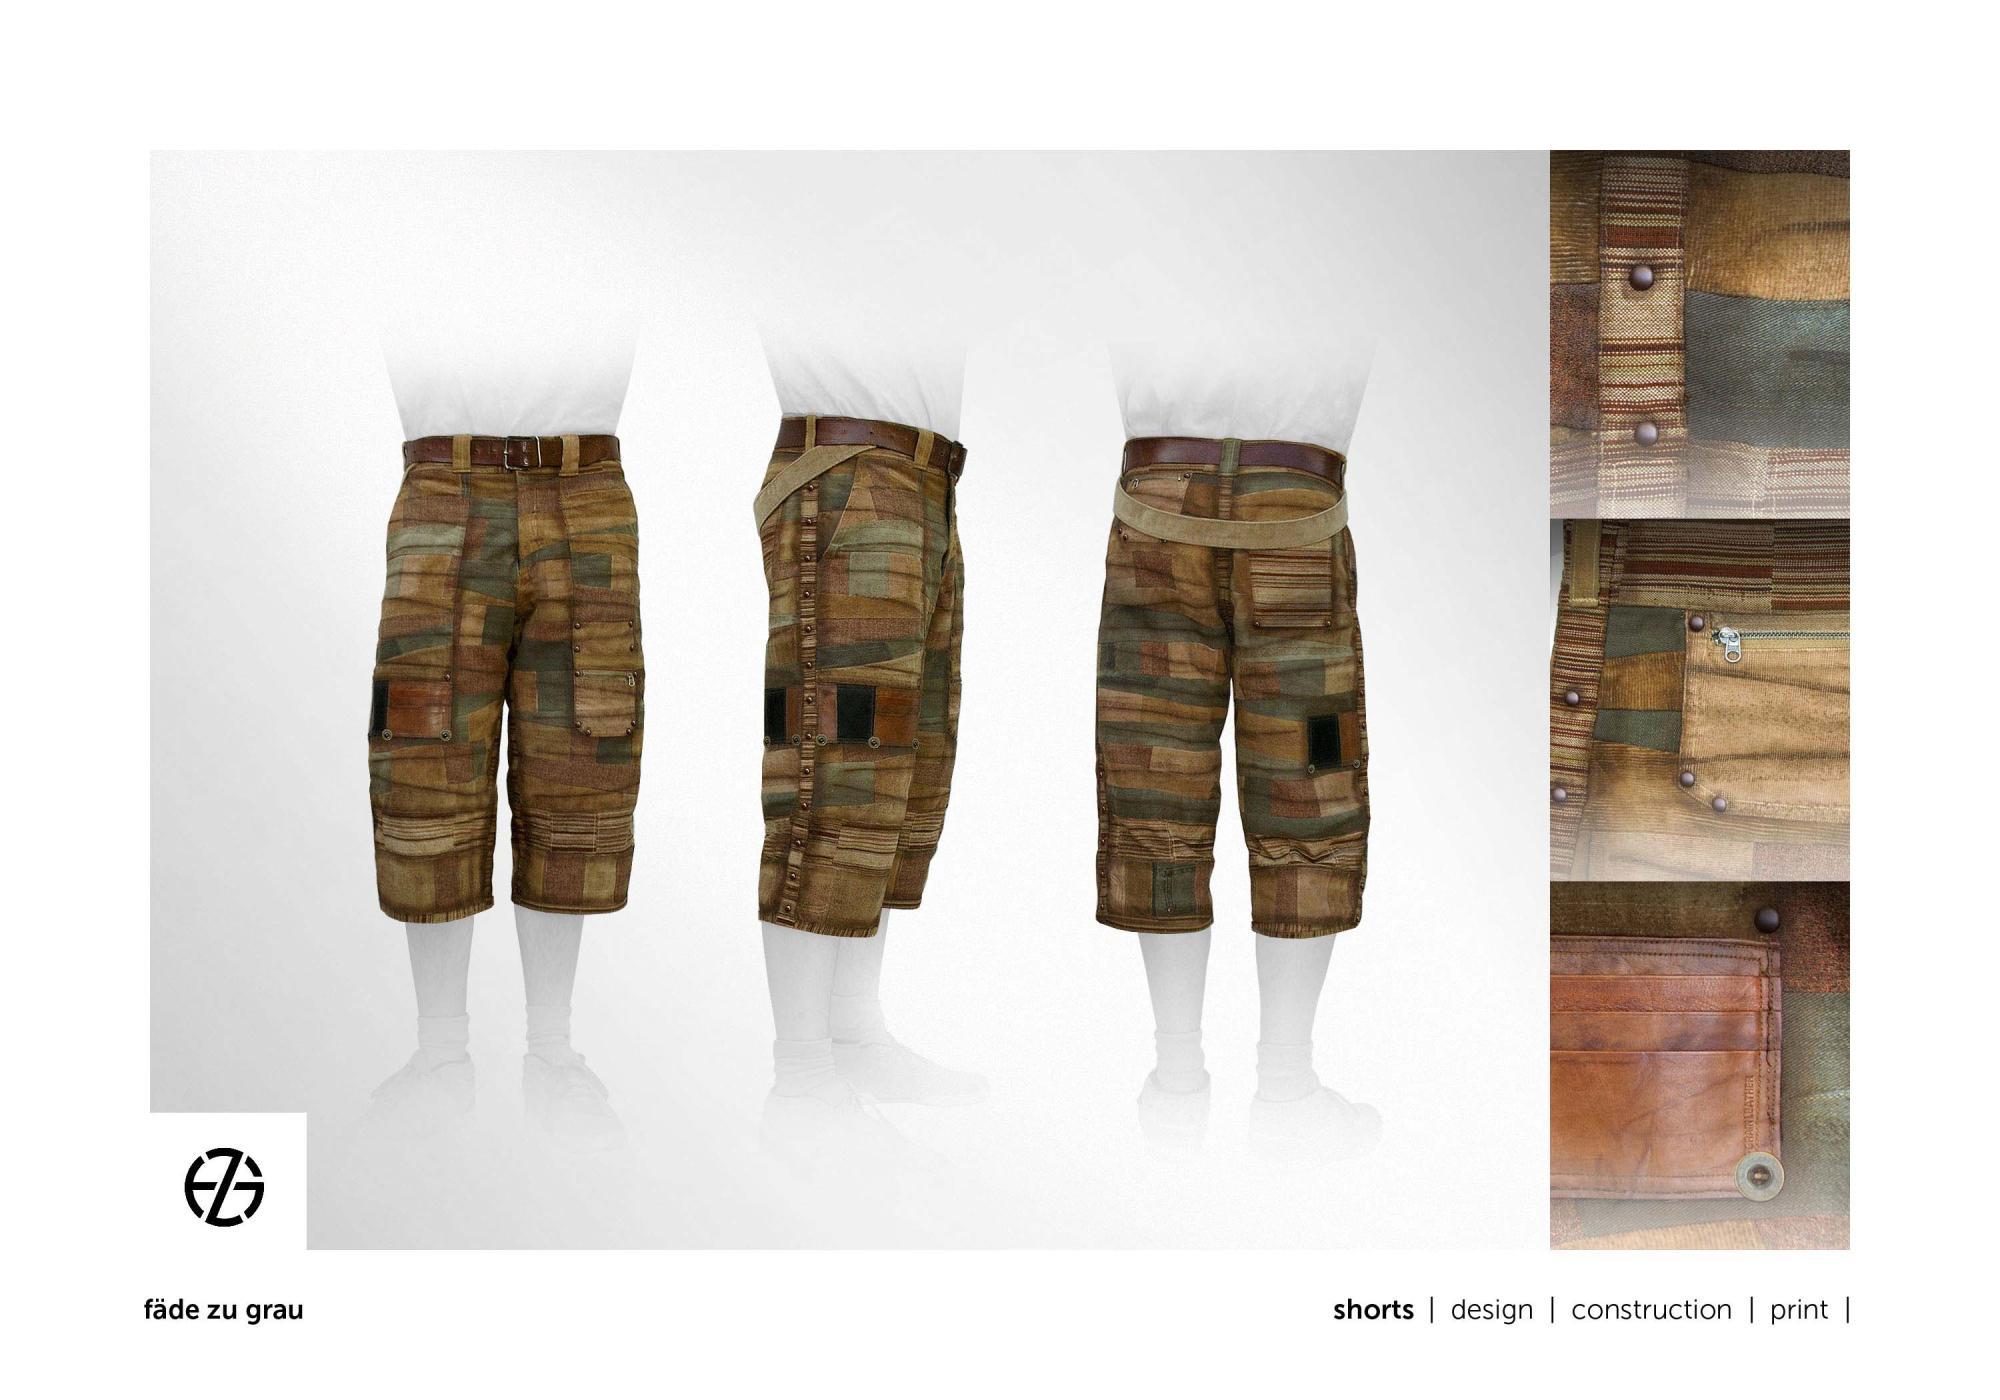 fäde zu grau | shorts